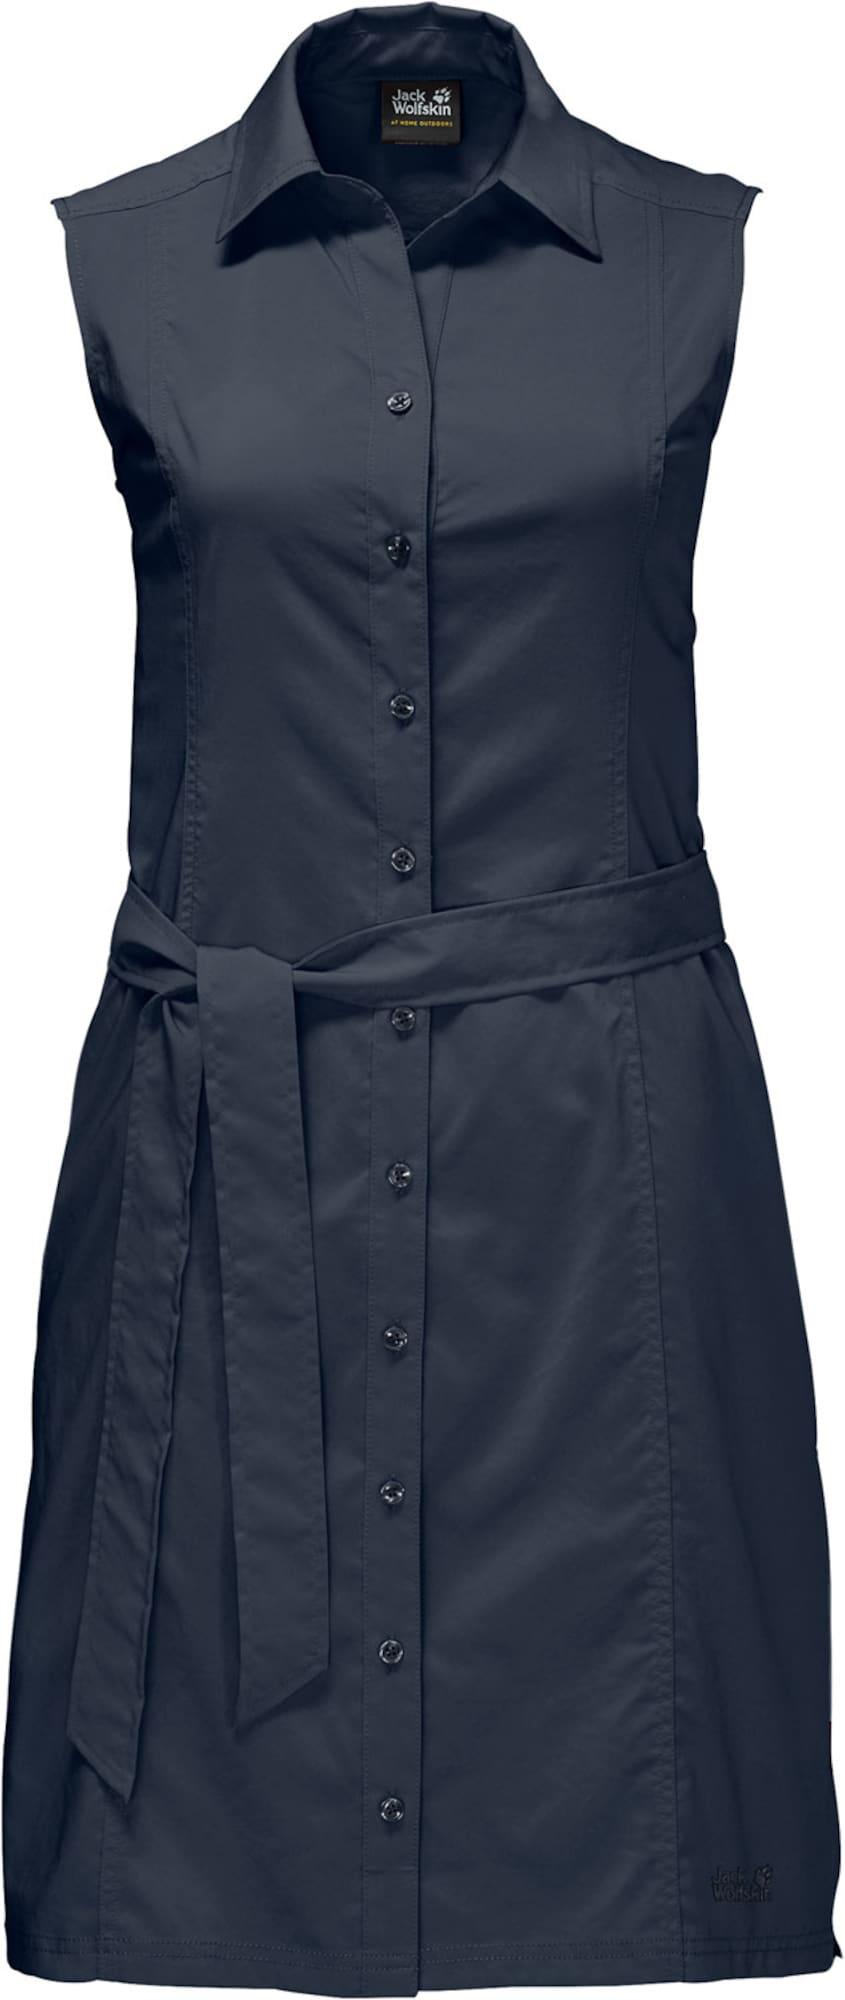 JACK WOLFSKIN Sportinė suknelė tamsiai mėlyna